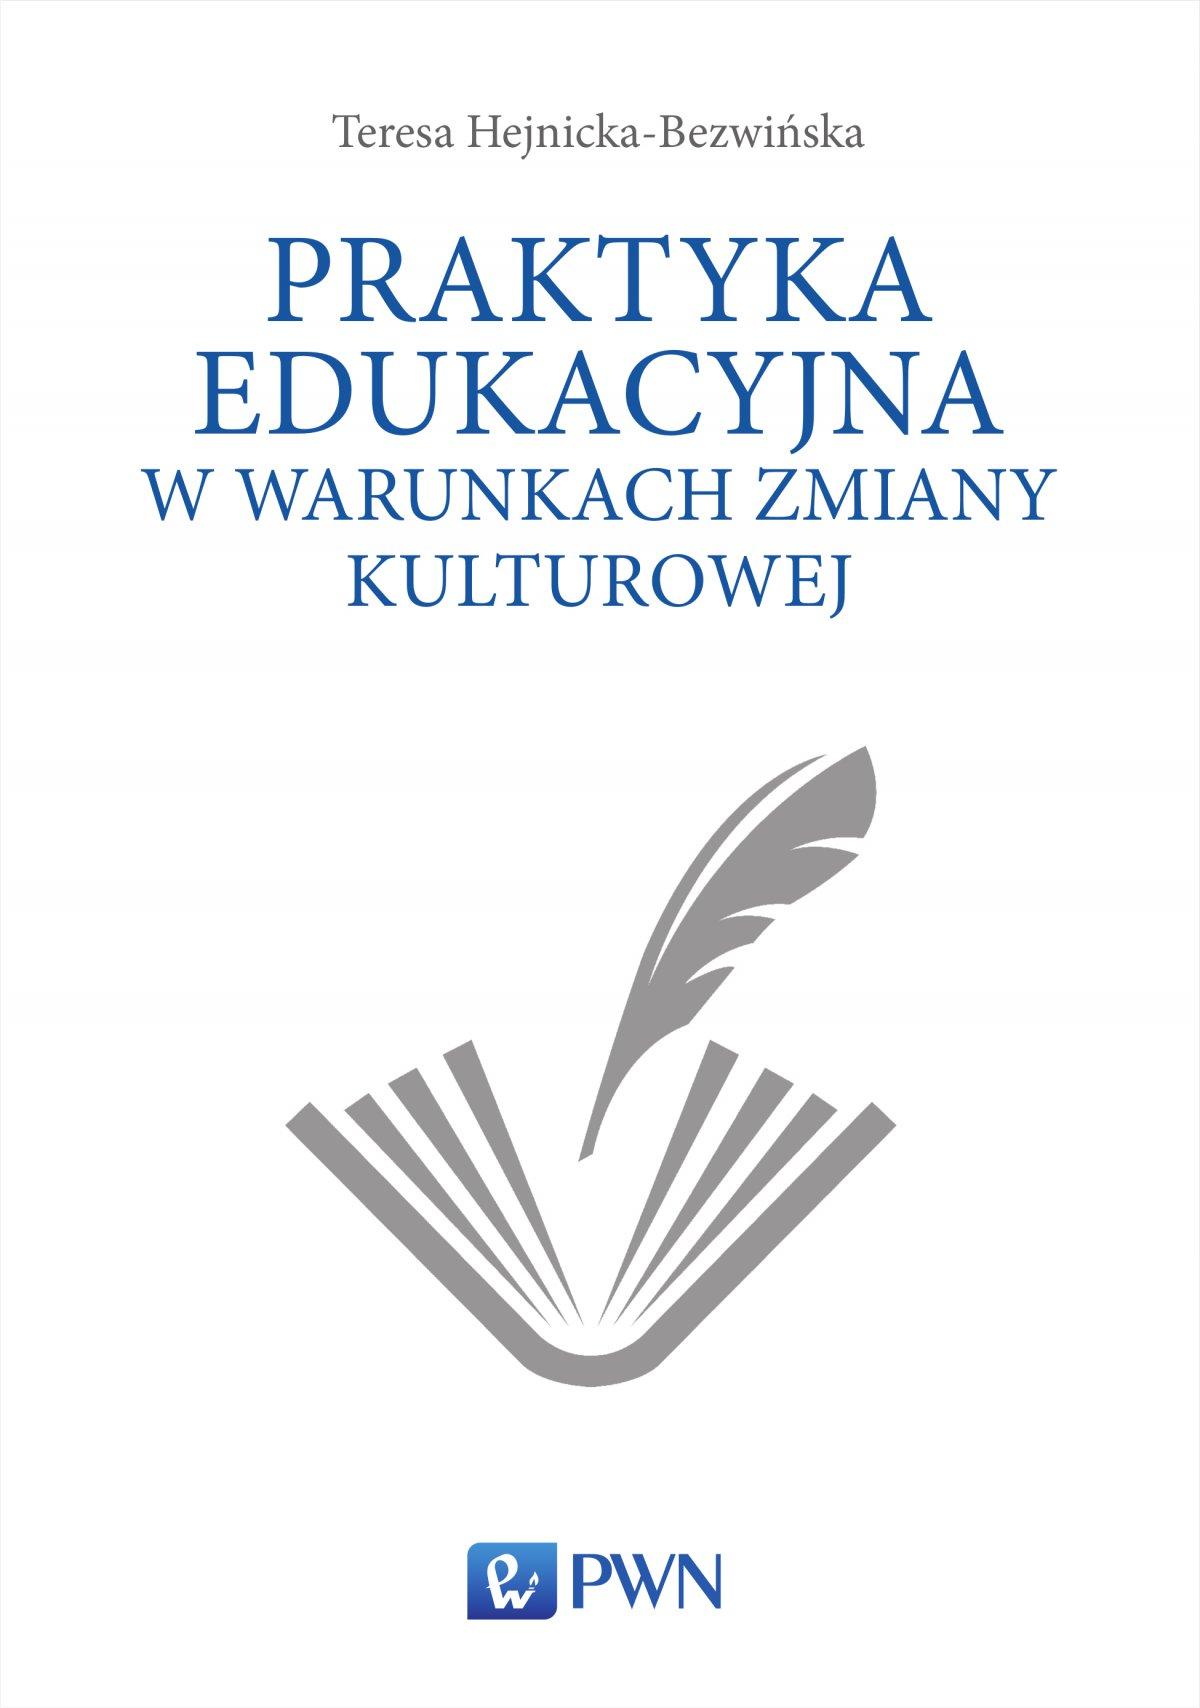 Praktyka edukacyjna w warunkach zmiany kulturowej - Ebook (Książka na Kindle) do pobrania w formacie MOBI